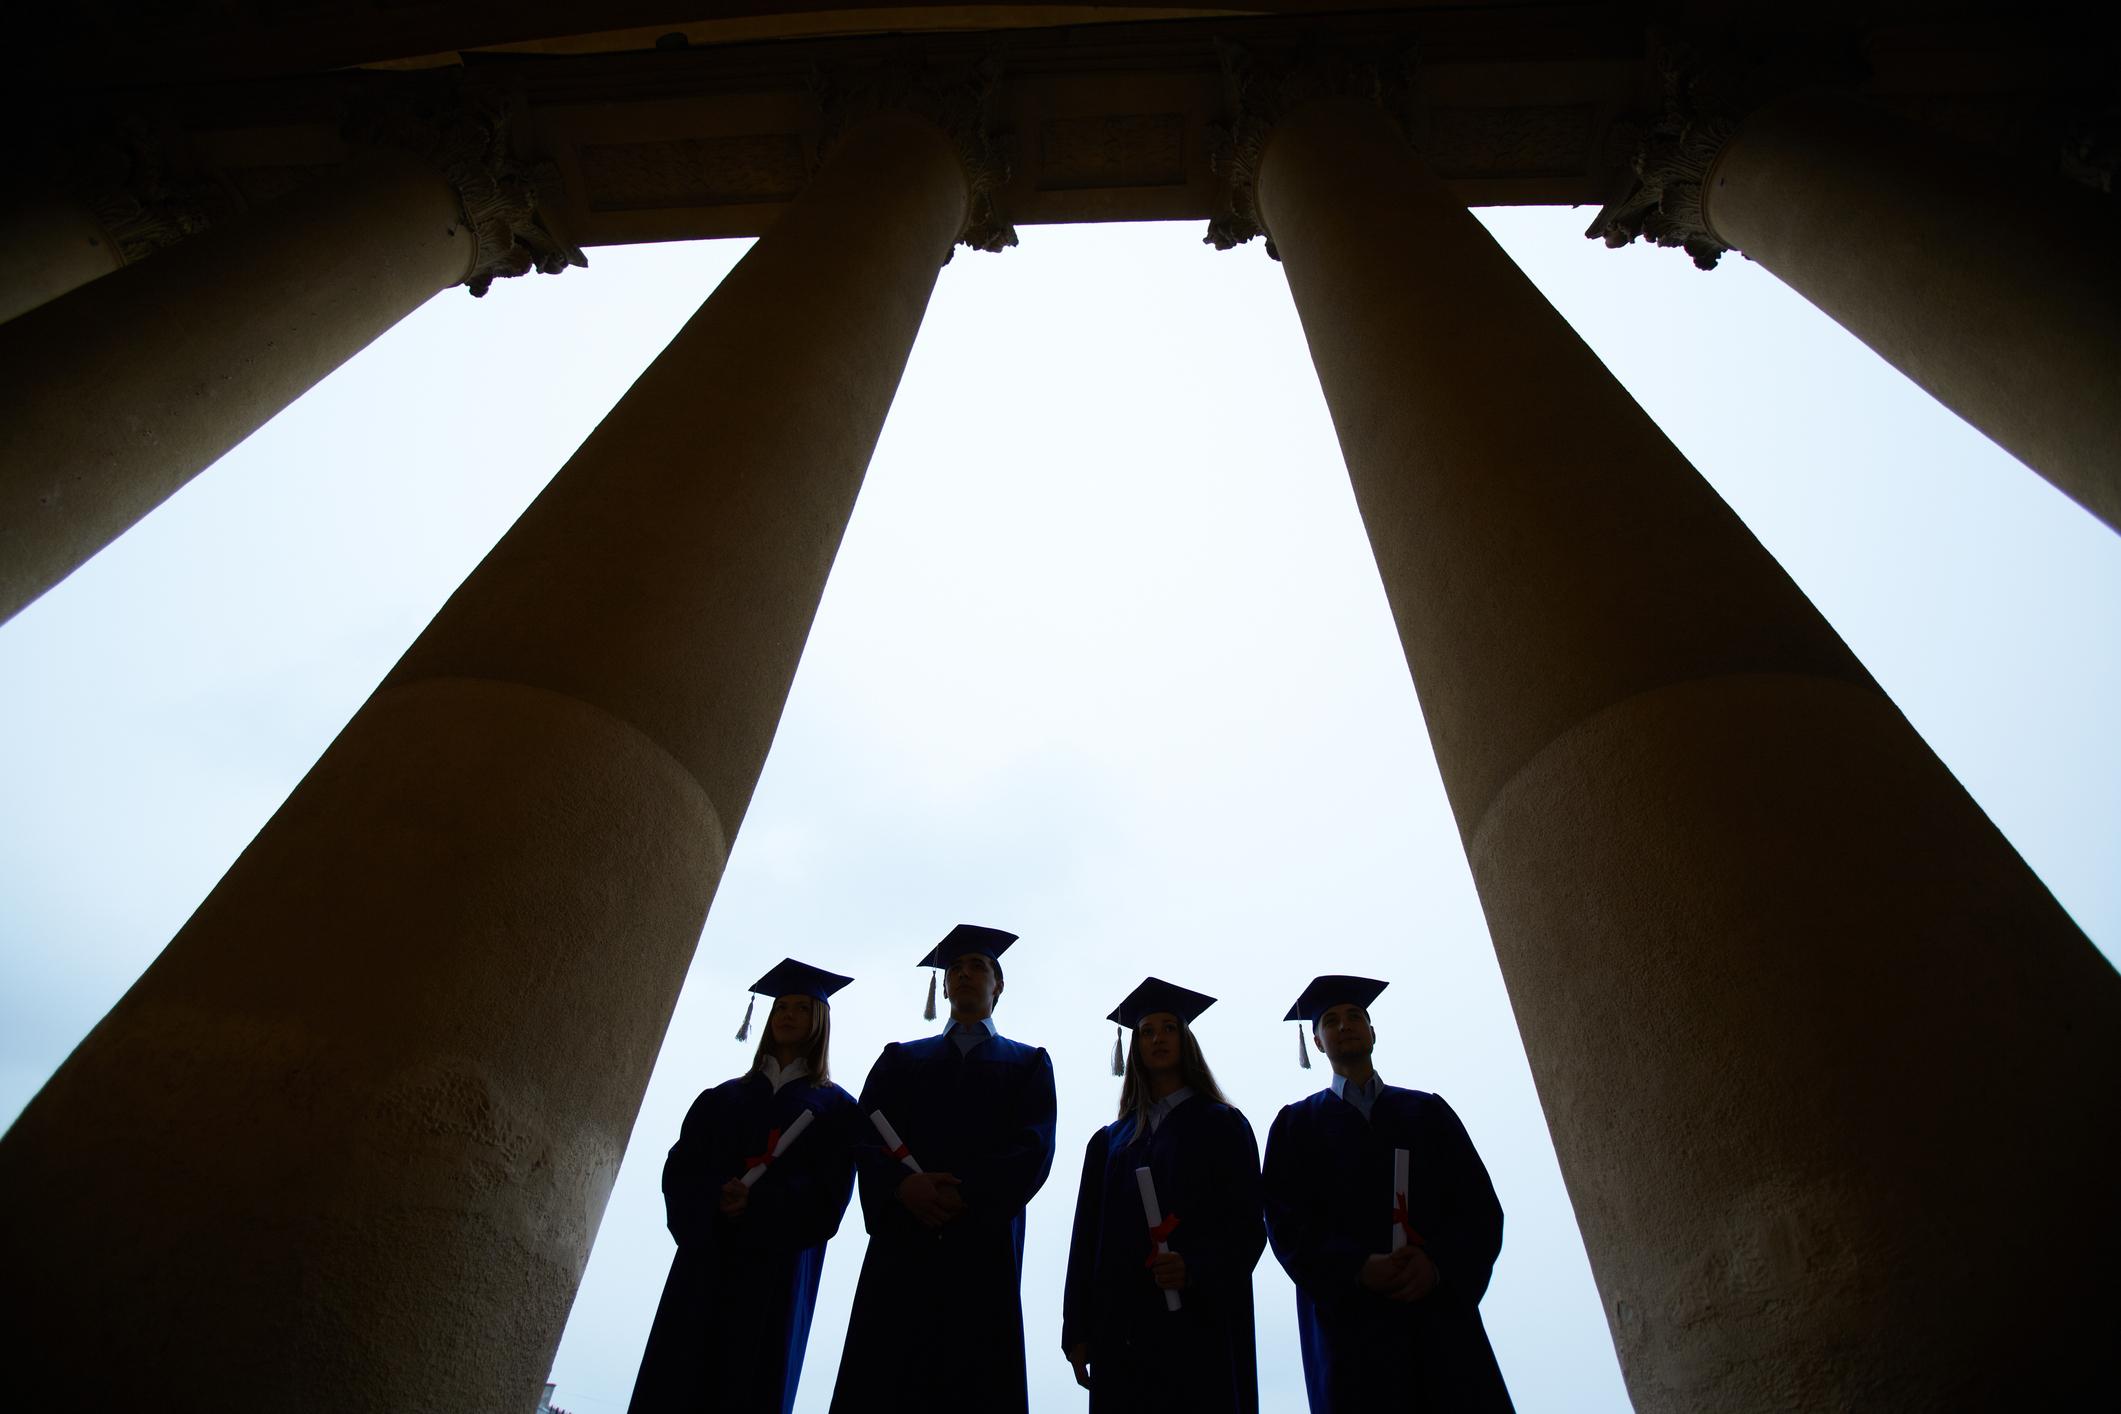 College graduates standing between columns